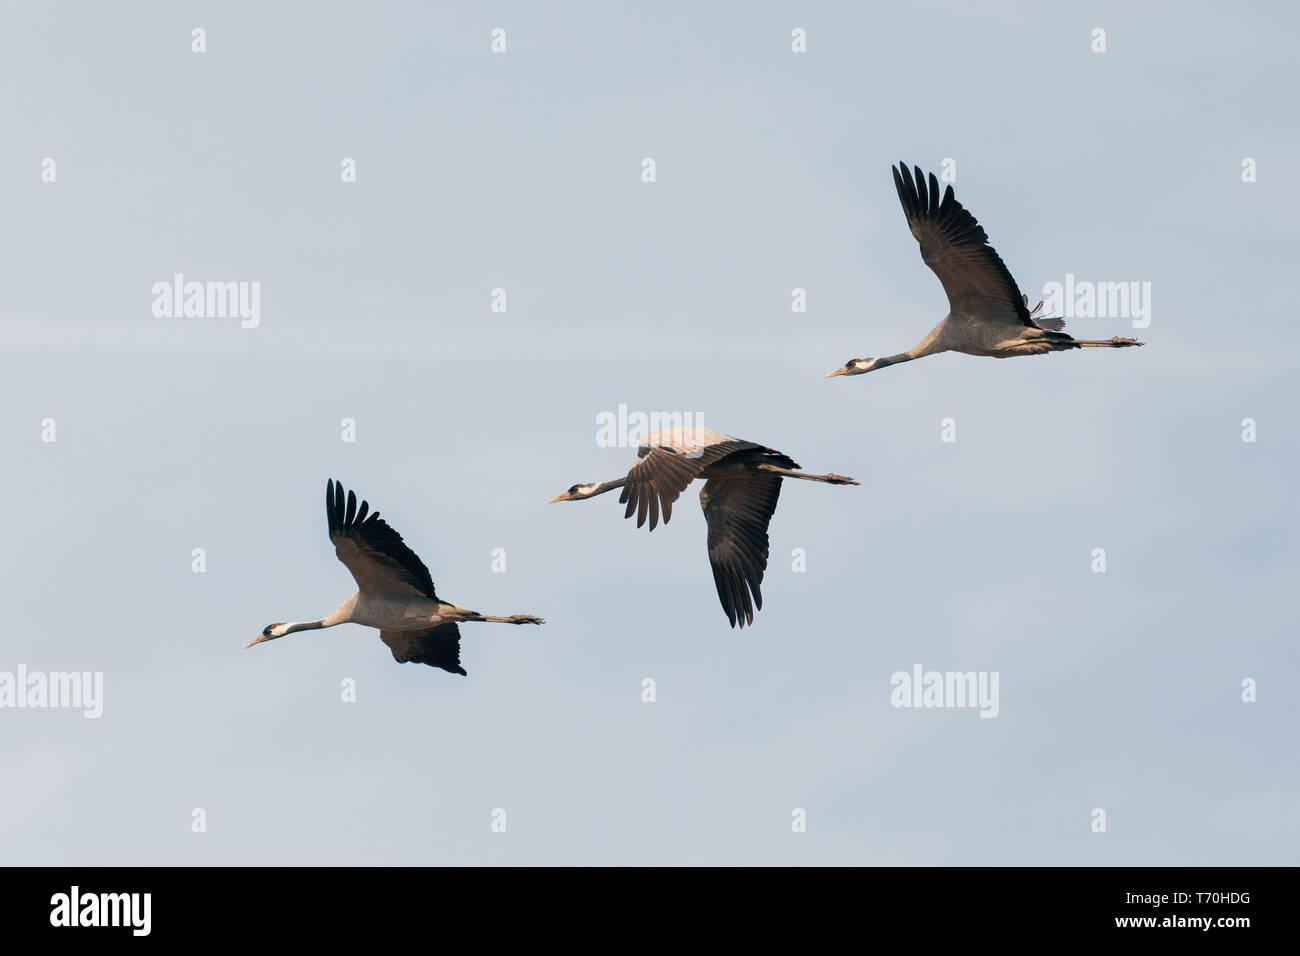 Flying Herde Kranich, Hortobagy Ungarn Stockfoto